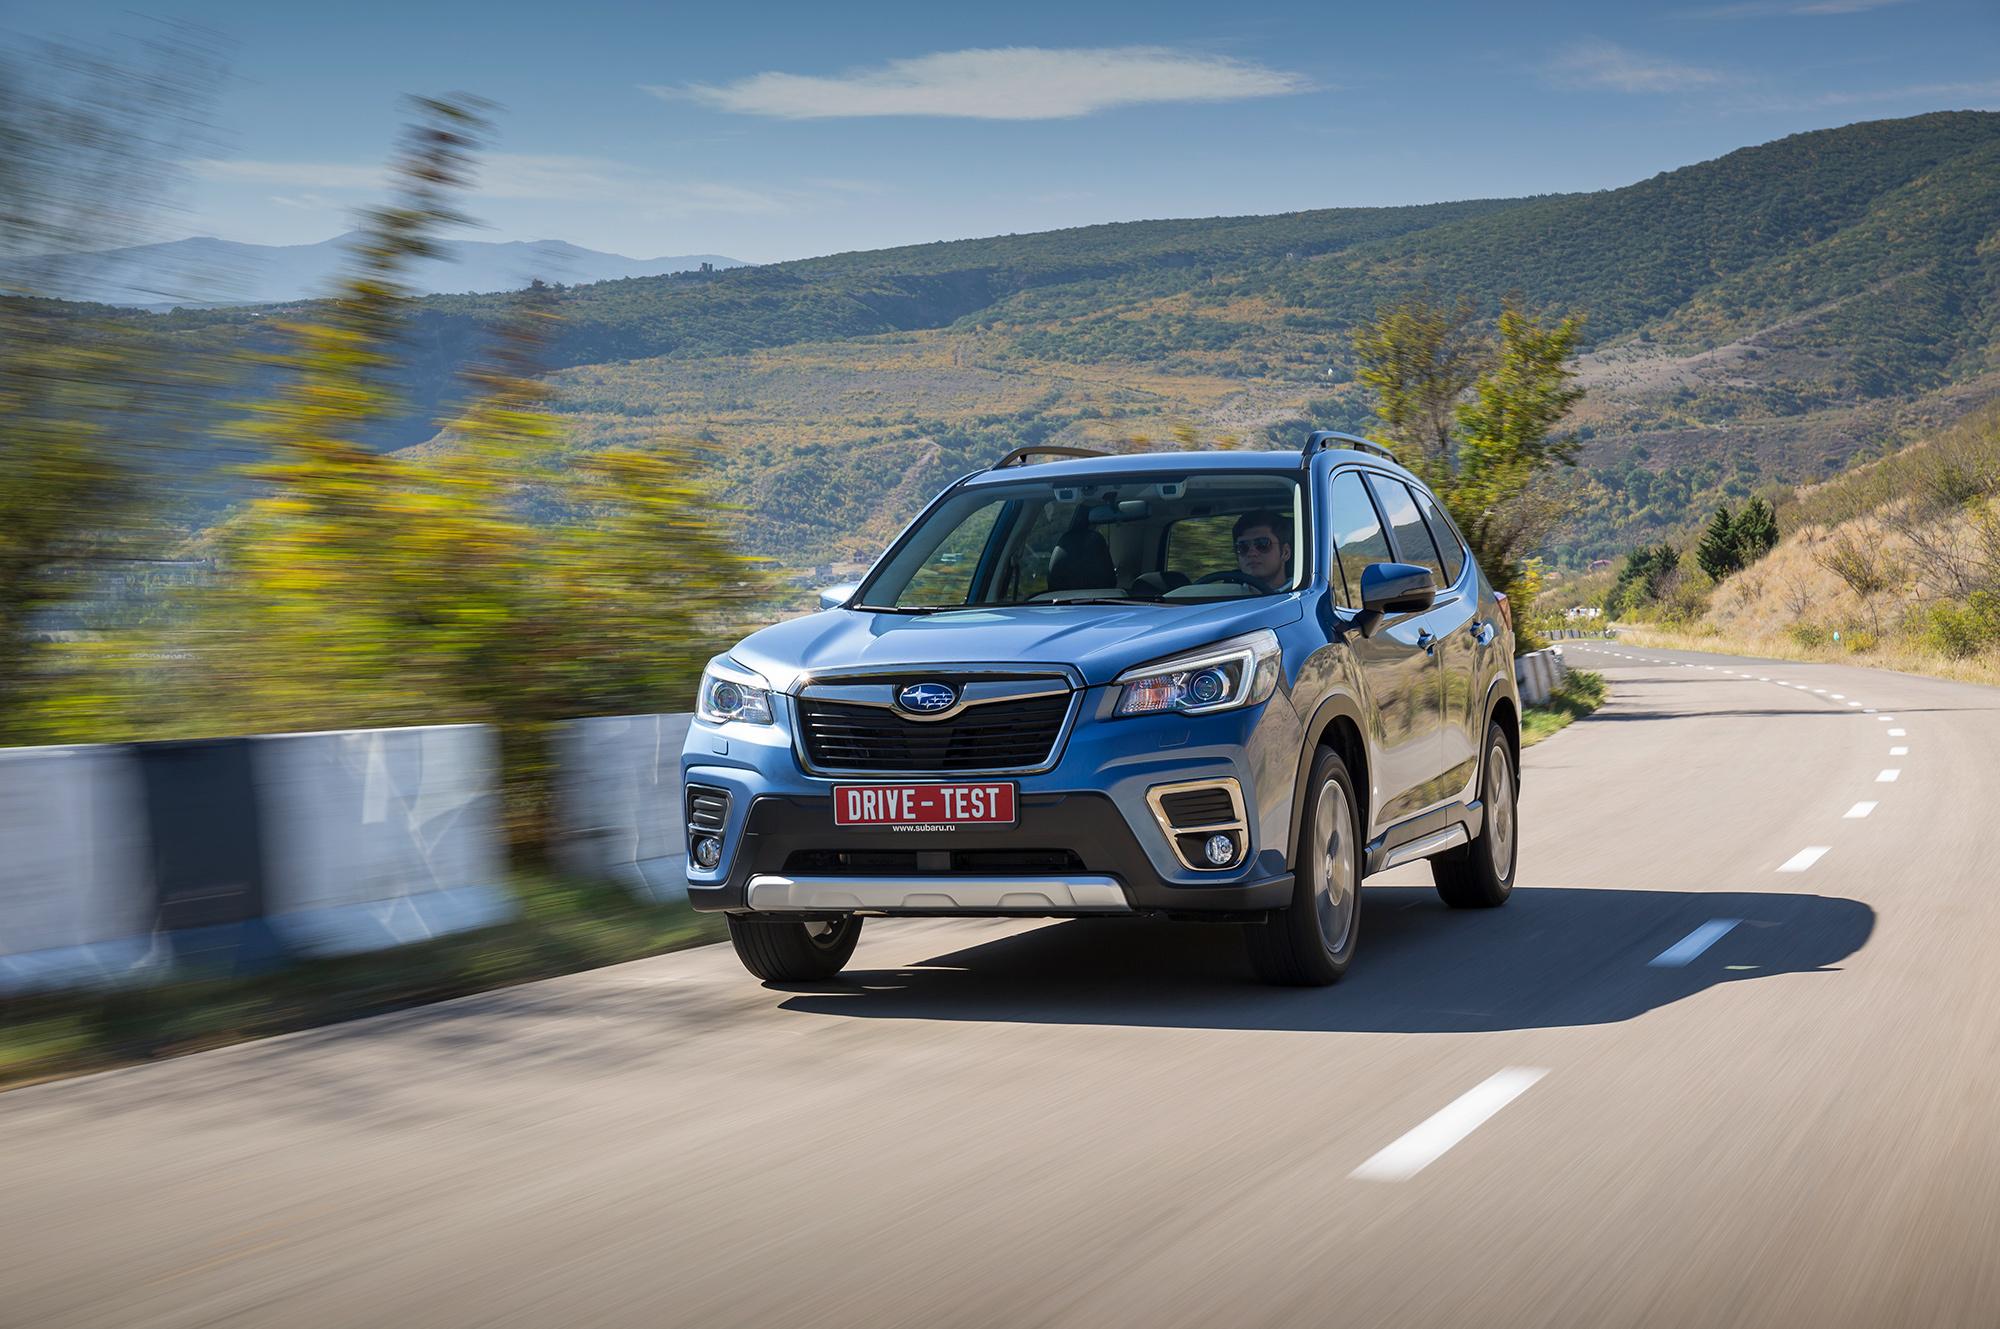 Спортивная версия купе Subaru будет не слишком быстрой